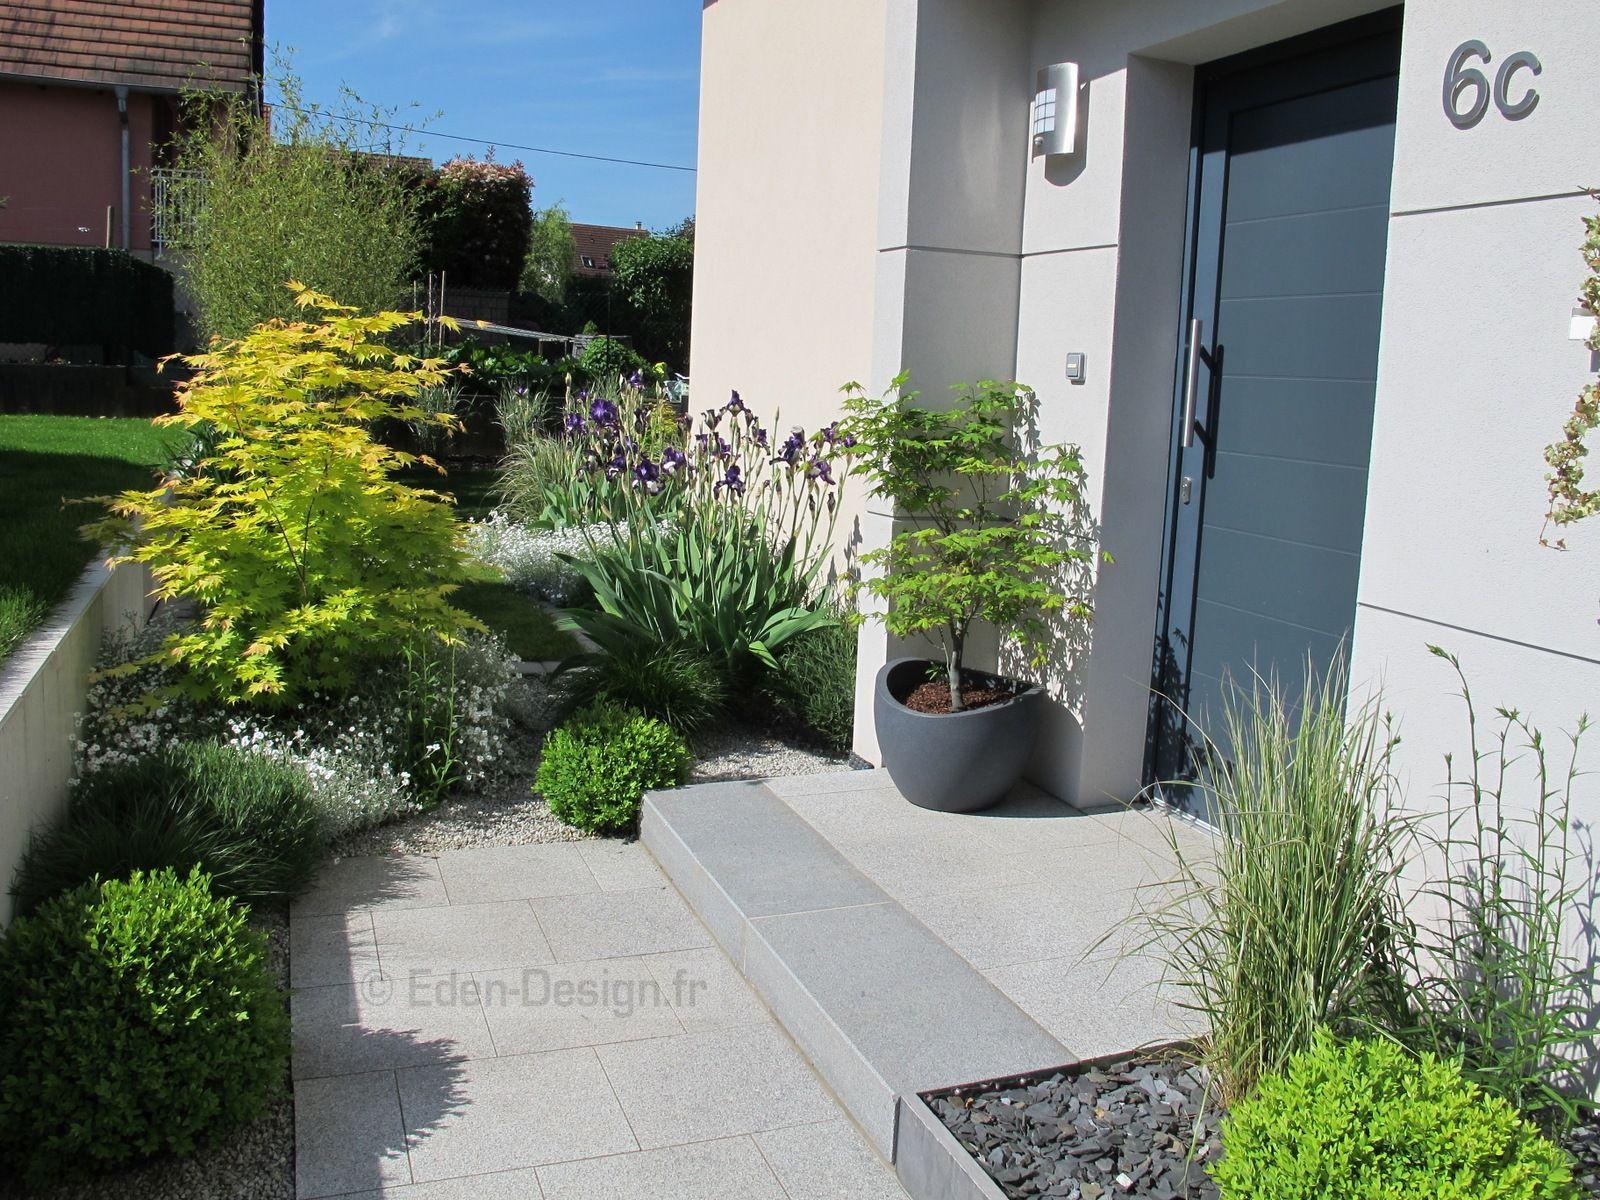 Devant De Maison, Aménagement Moderne Avec Escalier En ... serapportantà Aménagement Paysager Devant Maison Moderne